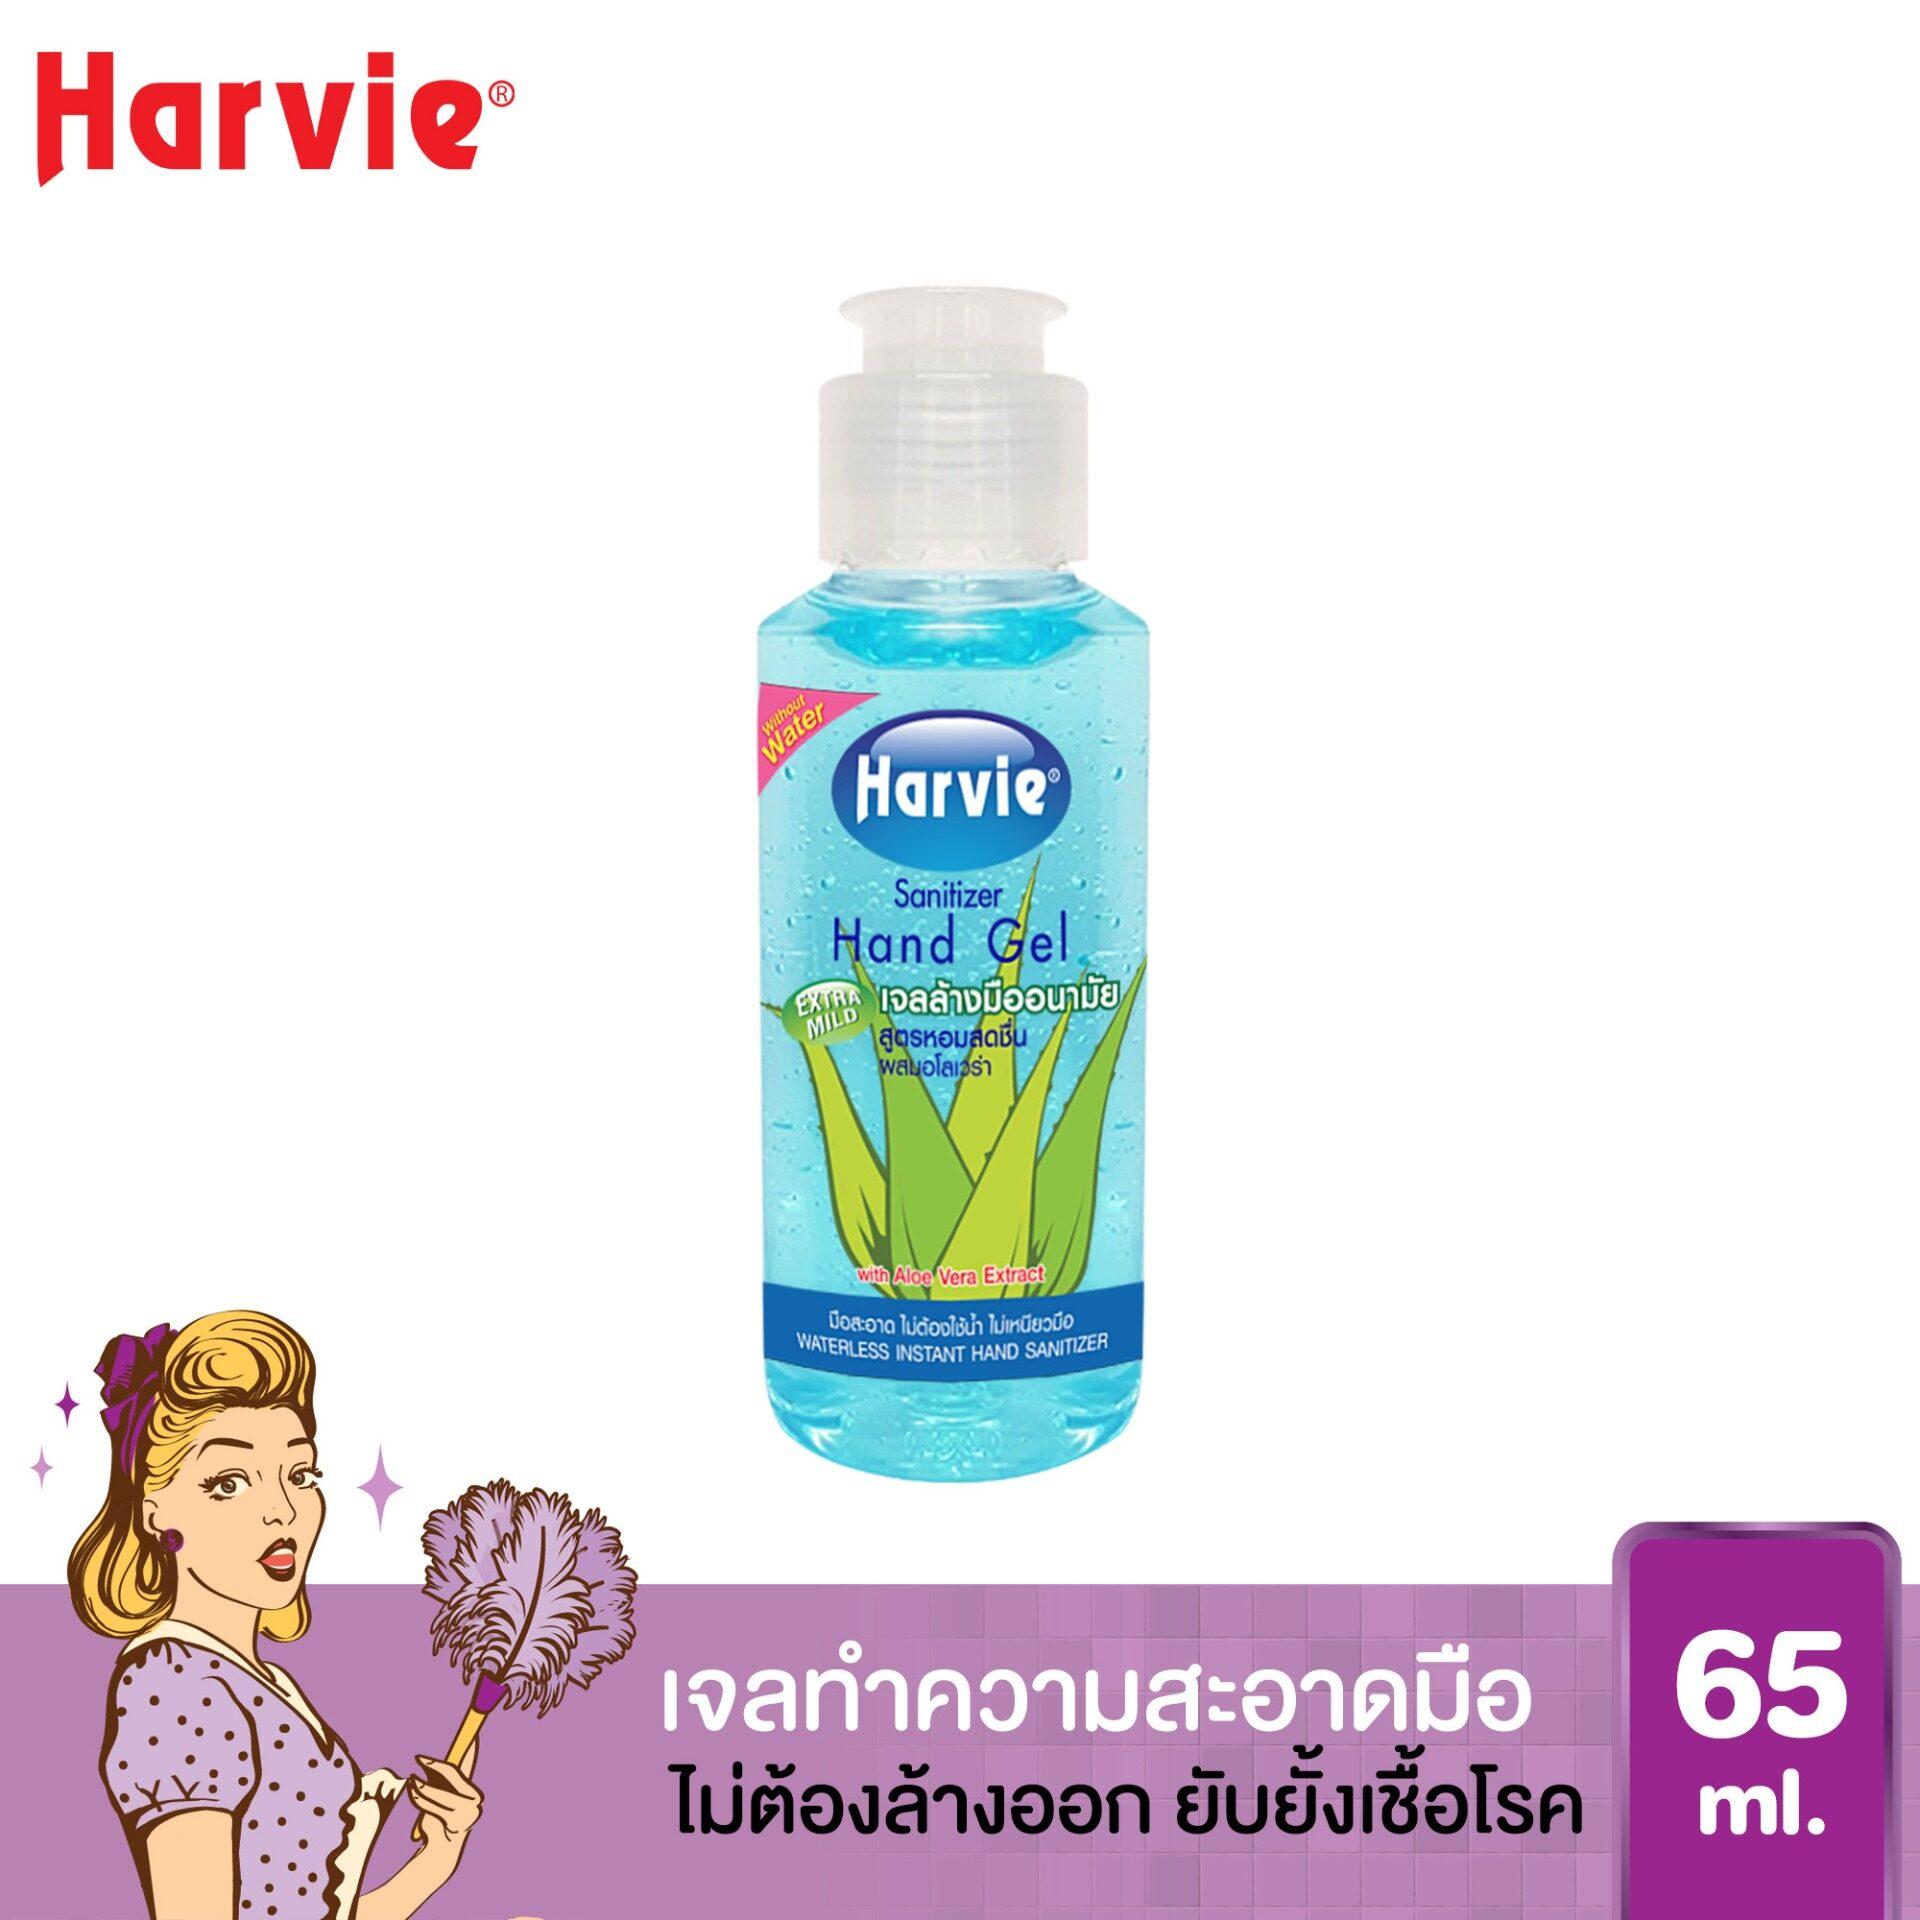 [พร้อมส่ง] Harvie เล้างมือ แอลกอฮอล์ แซนิไทเซอร์ แฮนด์ 65 ml. สูตร Extra Mild